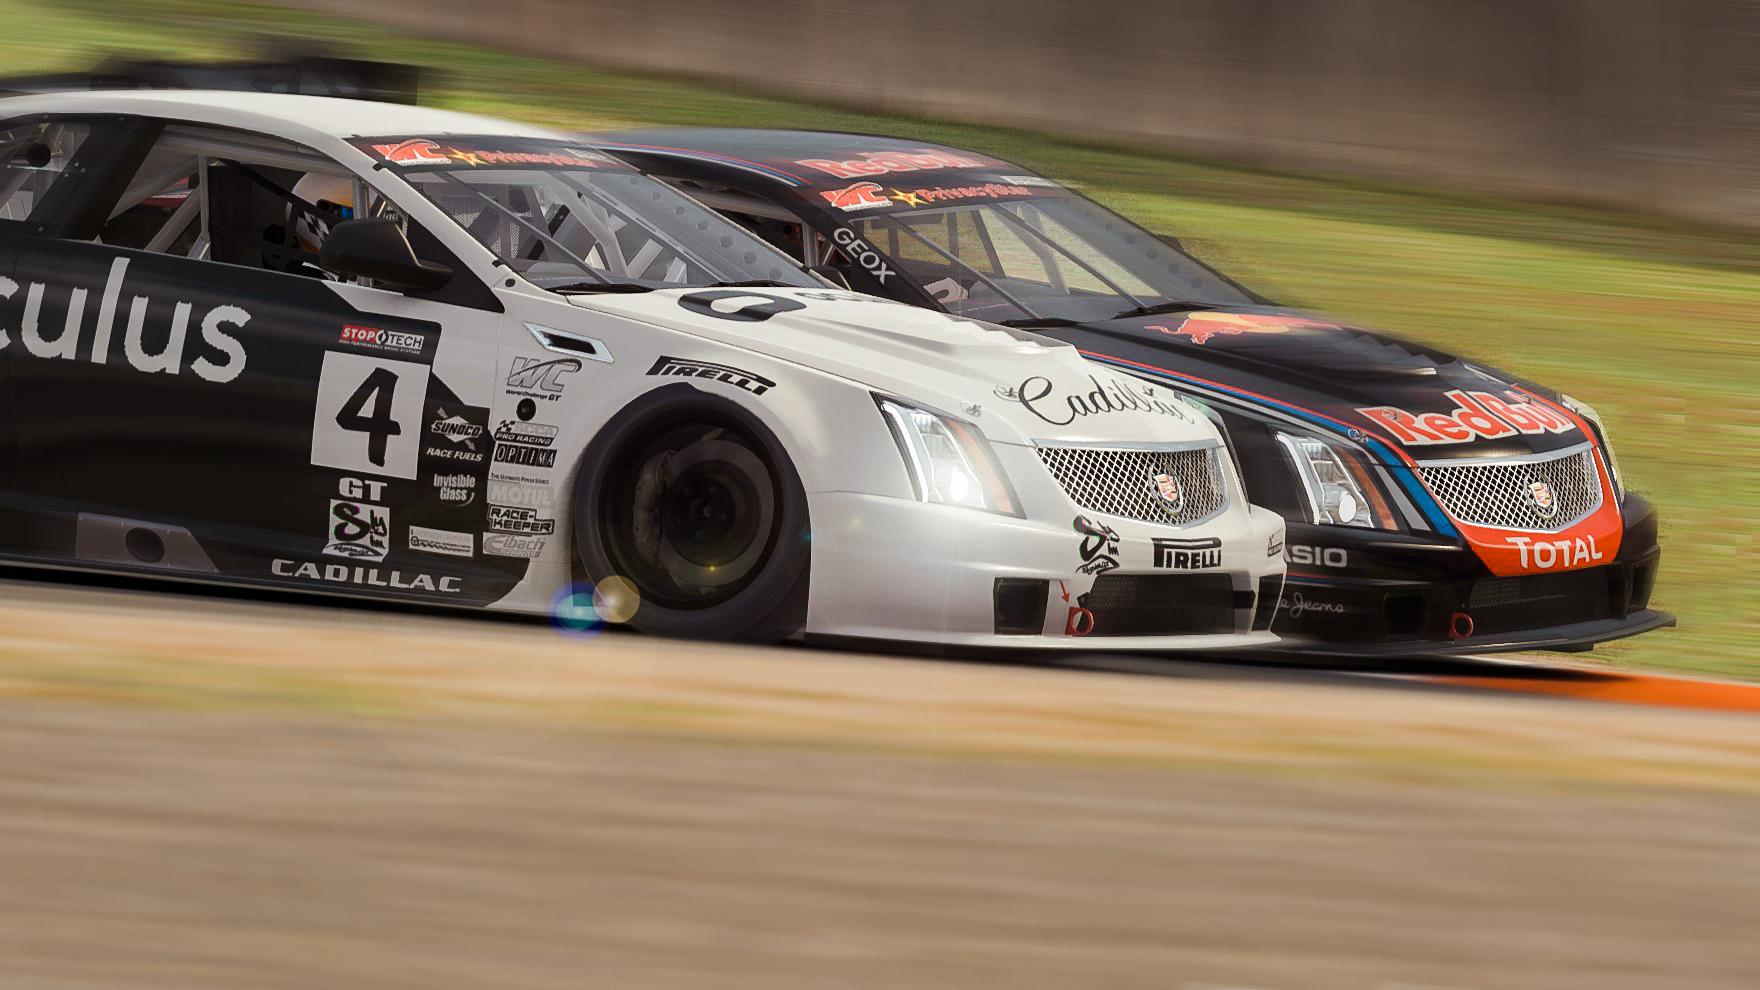 RS-gt20-race-4-okayama-lr-8.jpg